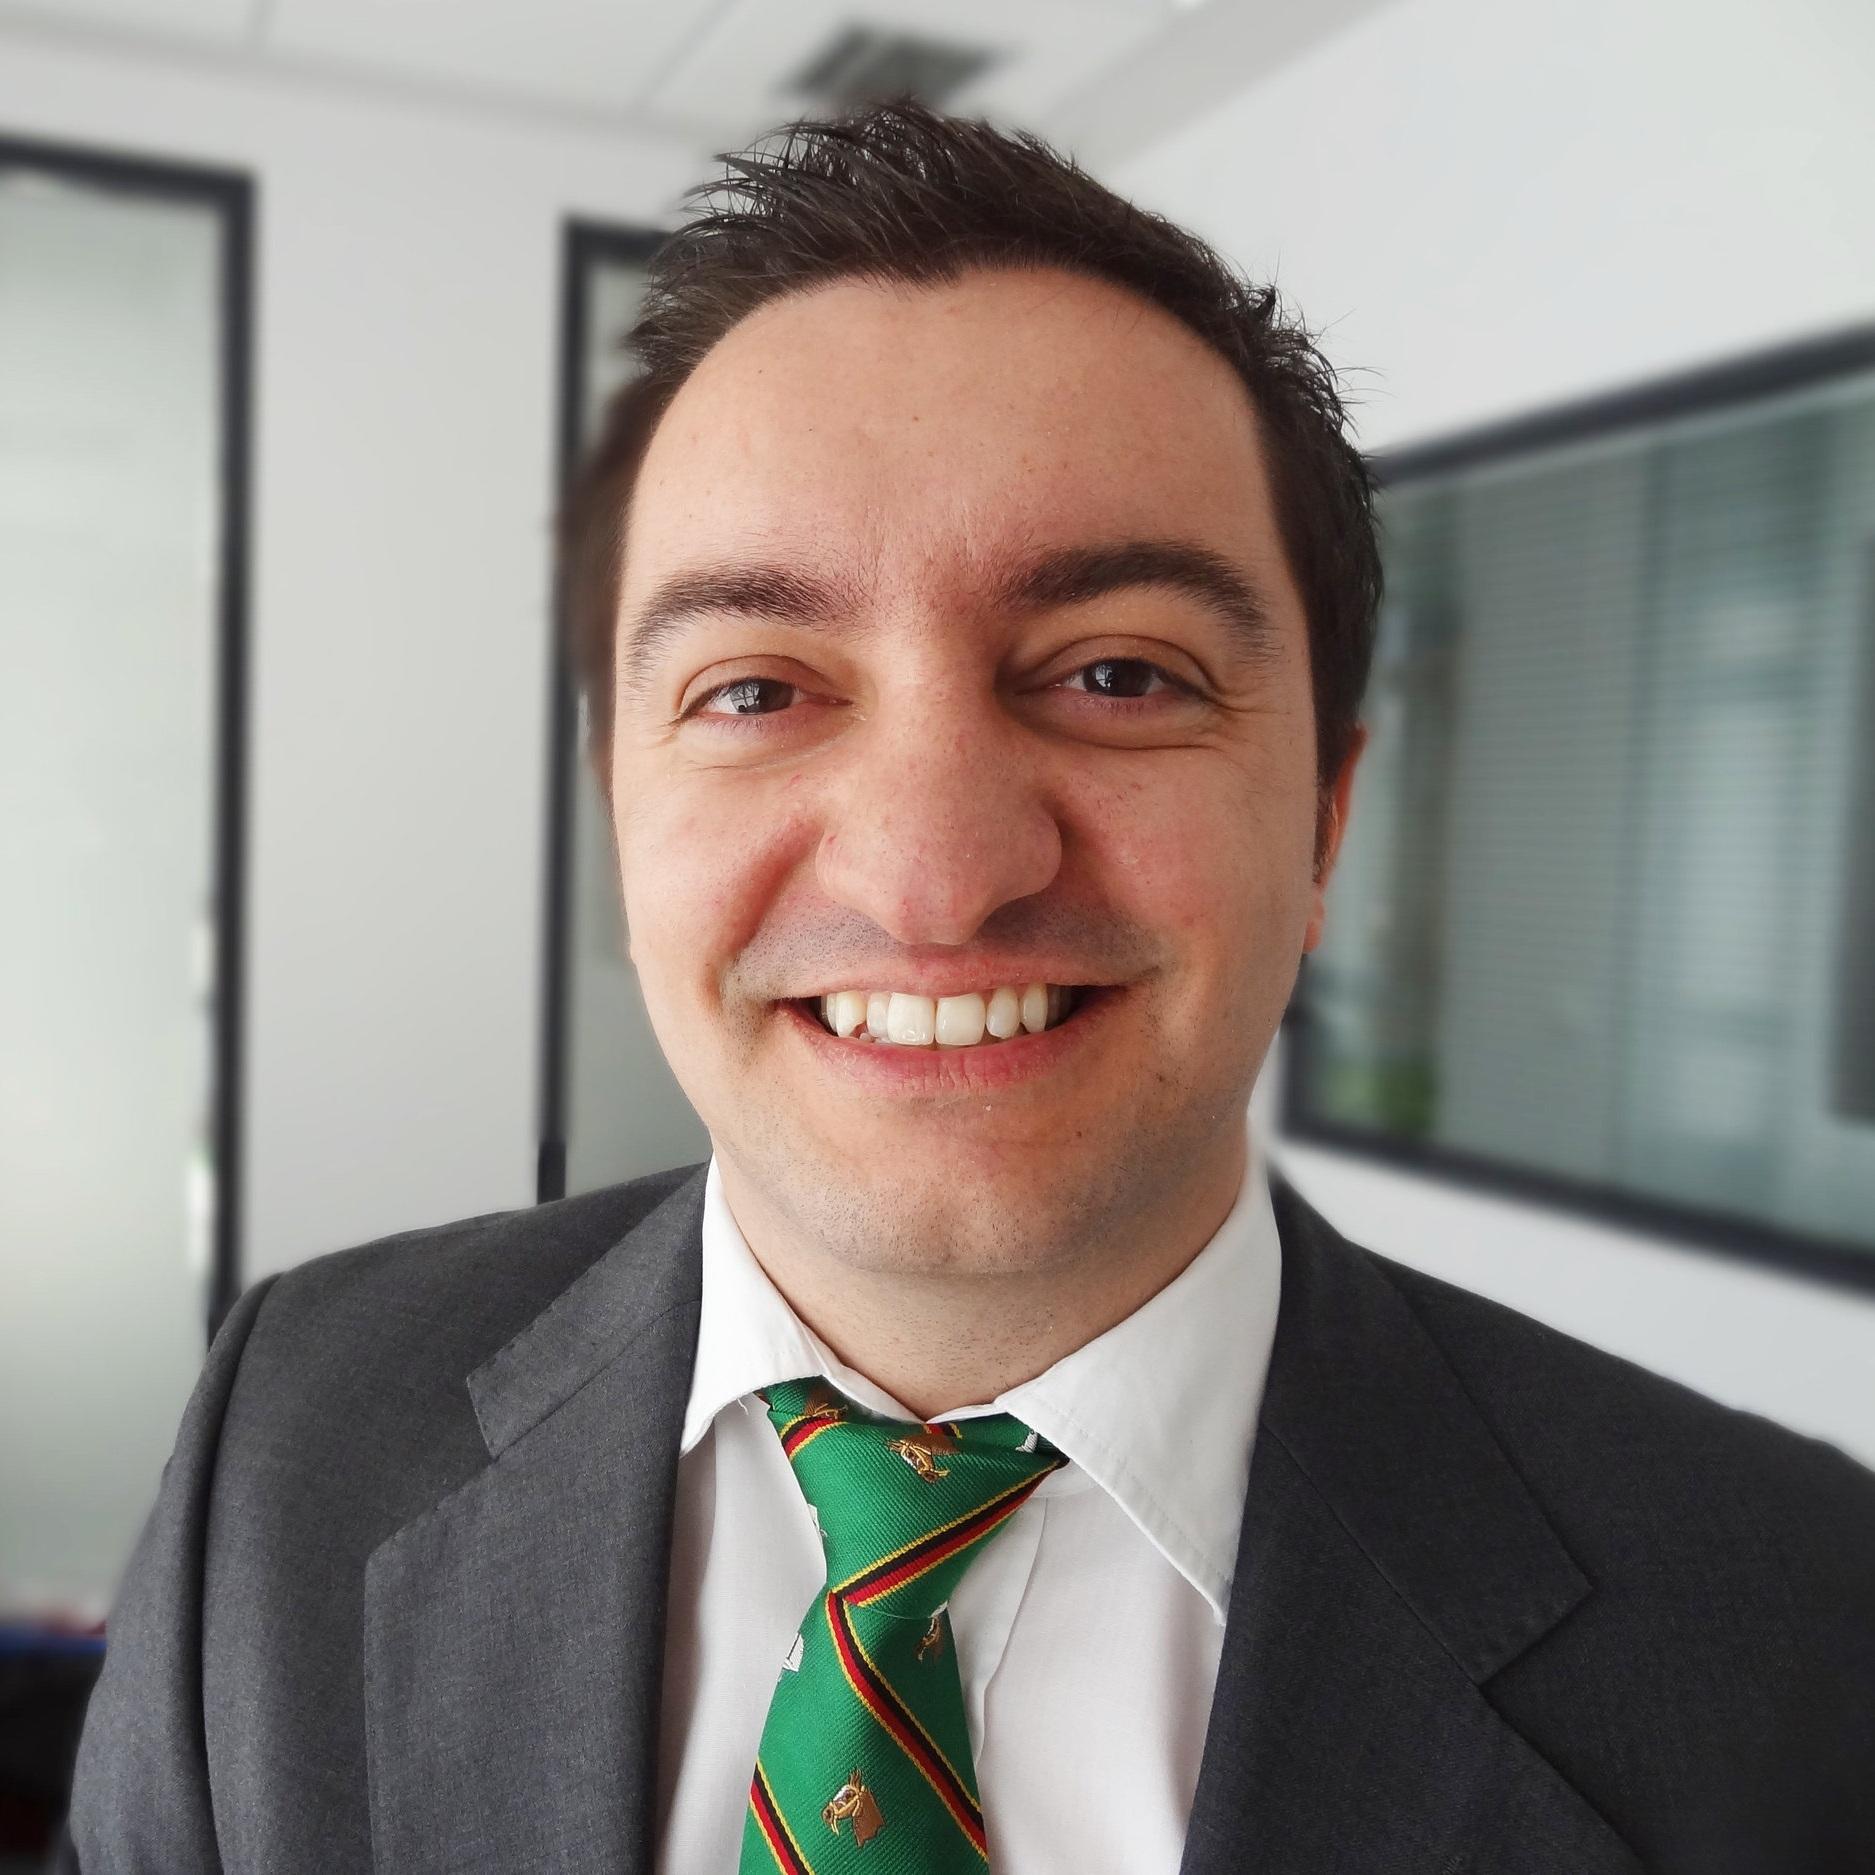 Κωνσταντίνος Στεργίου  Ορκωτός Ελεγκτής Λογιστής  kstergiou@metronauditing.gr